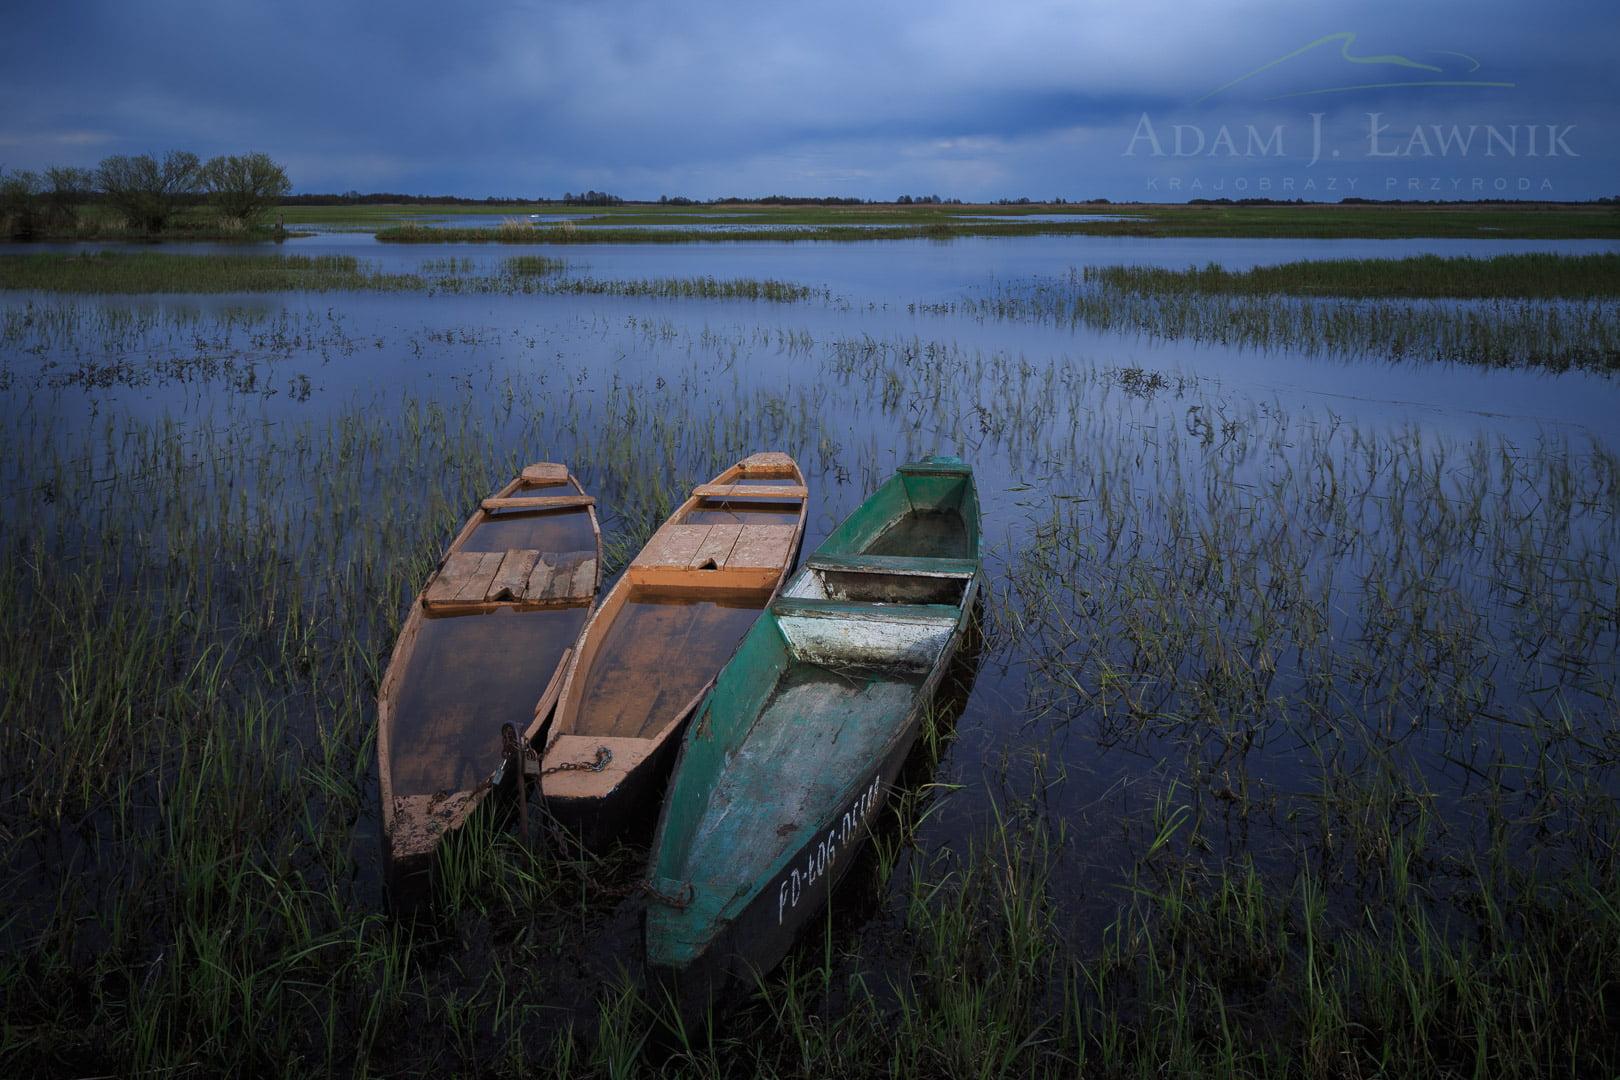 Łódki pychówki na wiosennych rozlewiskach Biebrzy